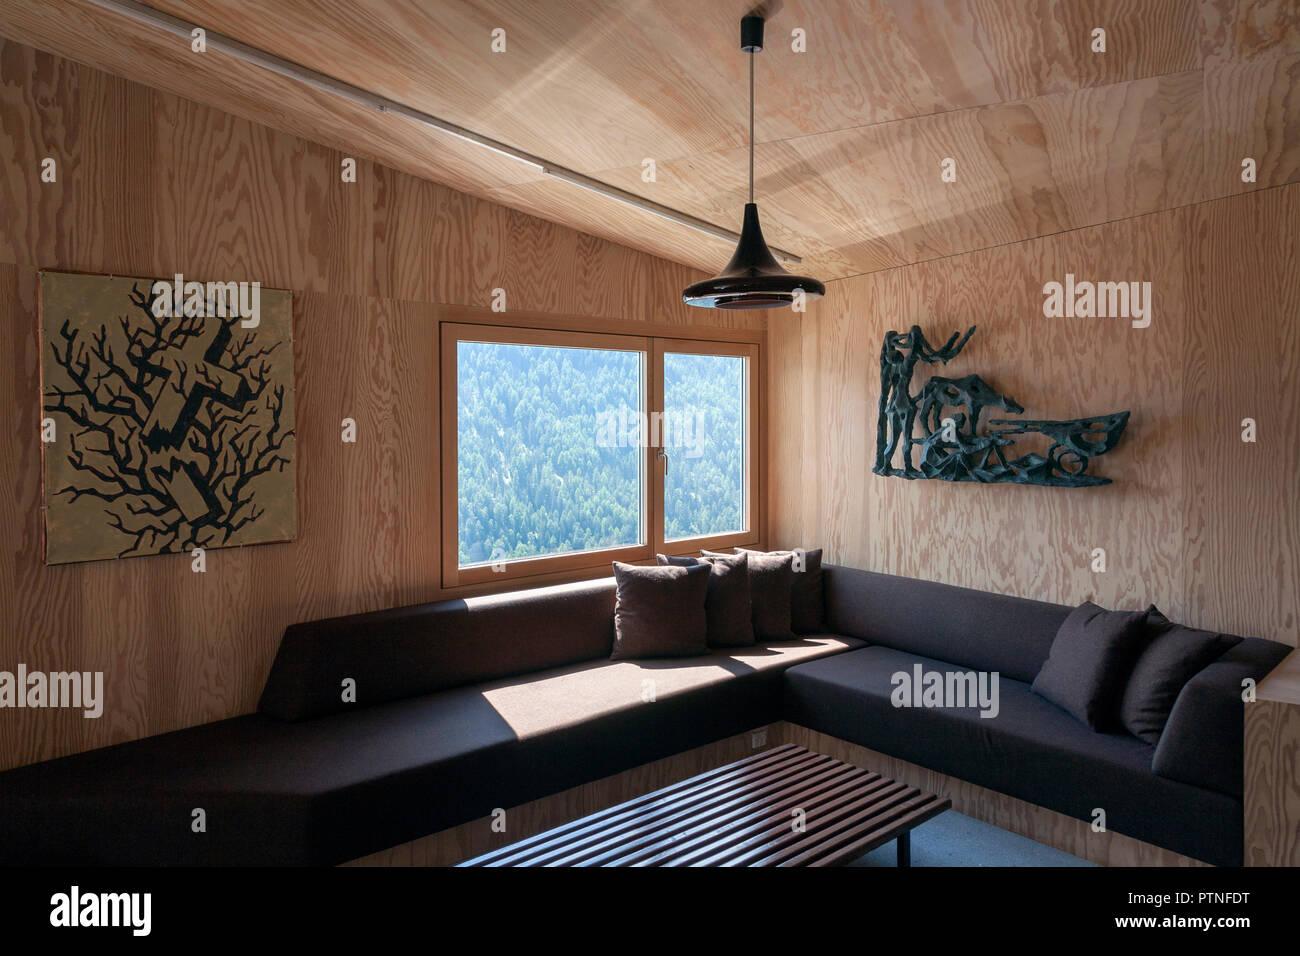 Minimalistischer Stil Wohnzimmer In Einem Haus In Den